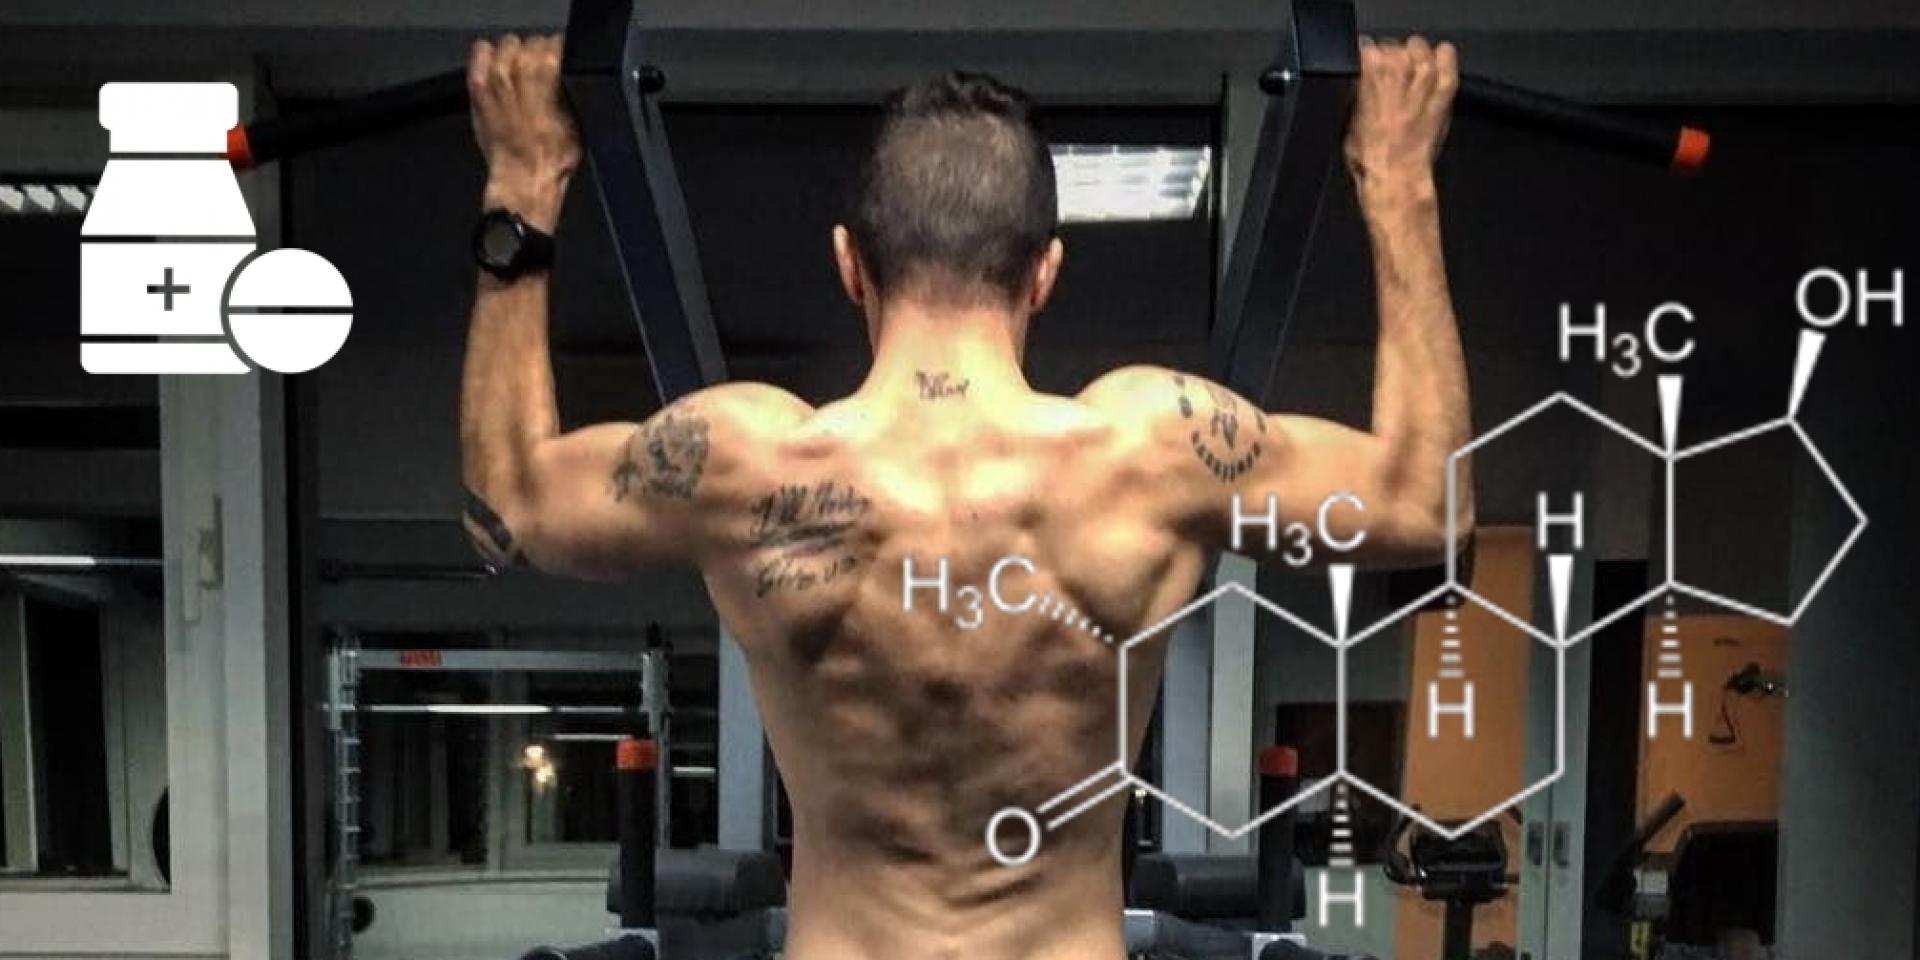 瘋狂喬禁什麼?合成代謝類固醇Masteron (Drostanolone) 屈他雄酮的運動黑魔法